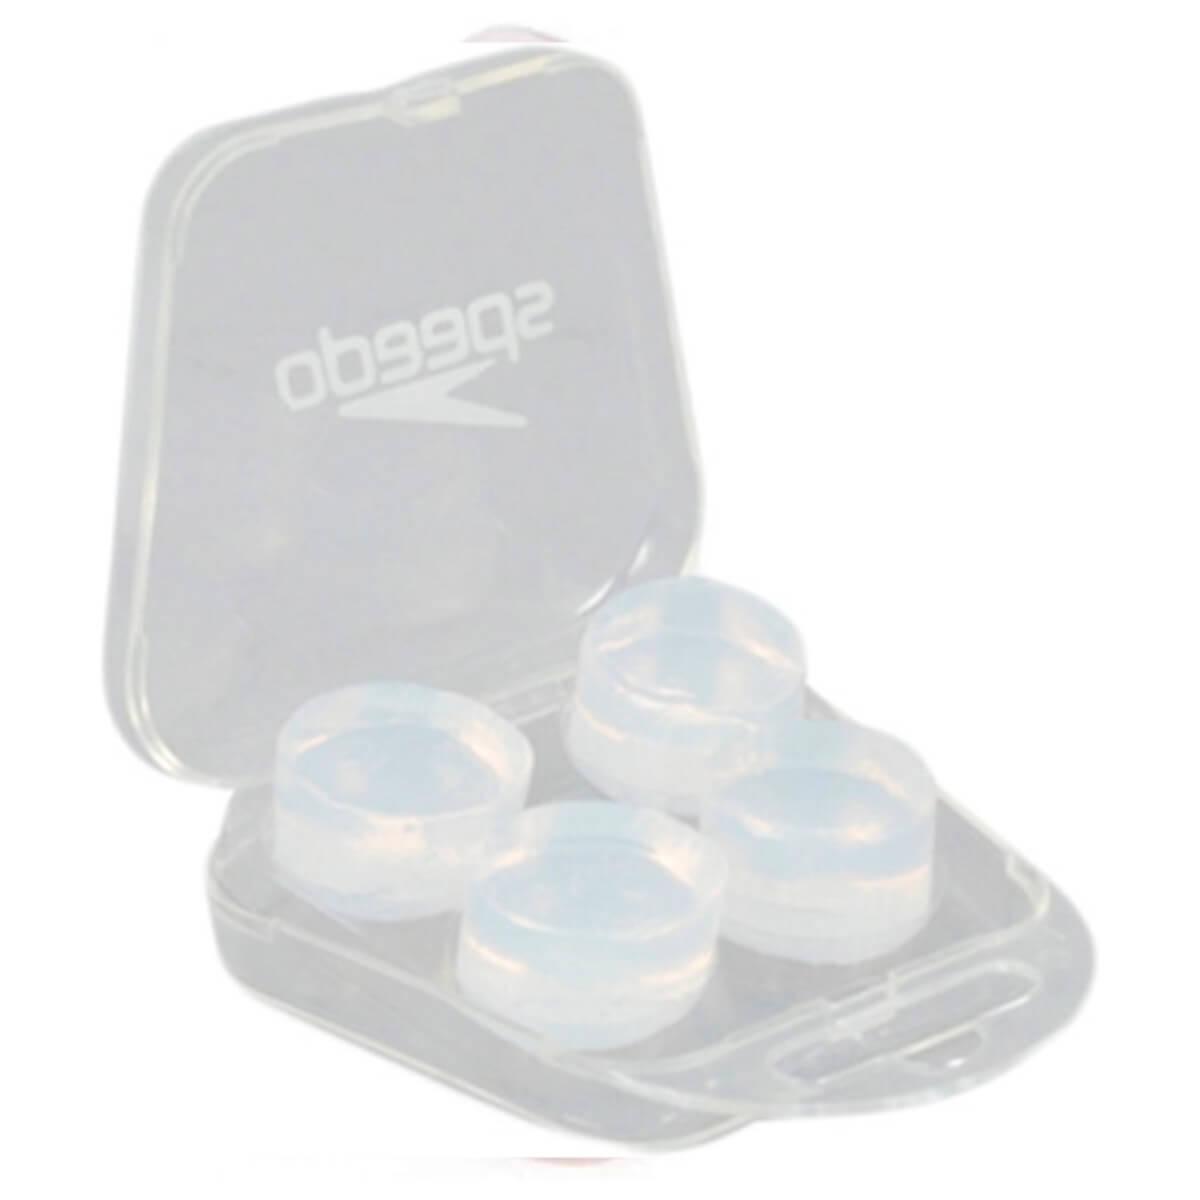 Protetor de Ouvido Soft Earplug Speedo Transparente